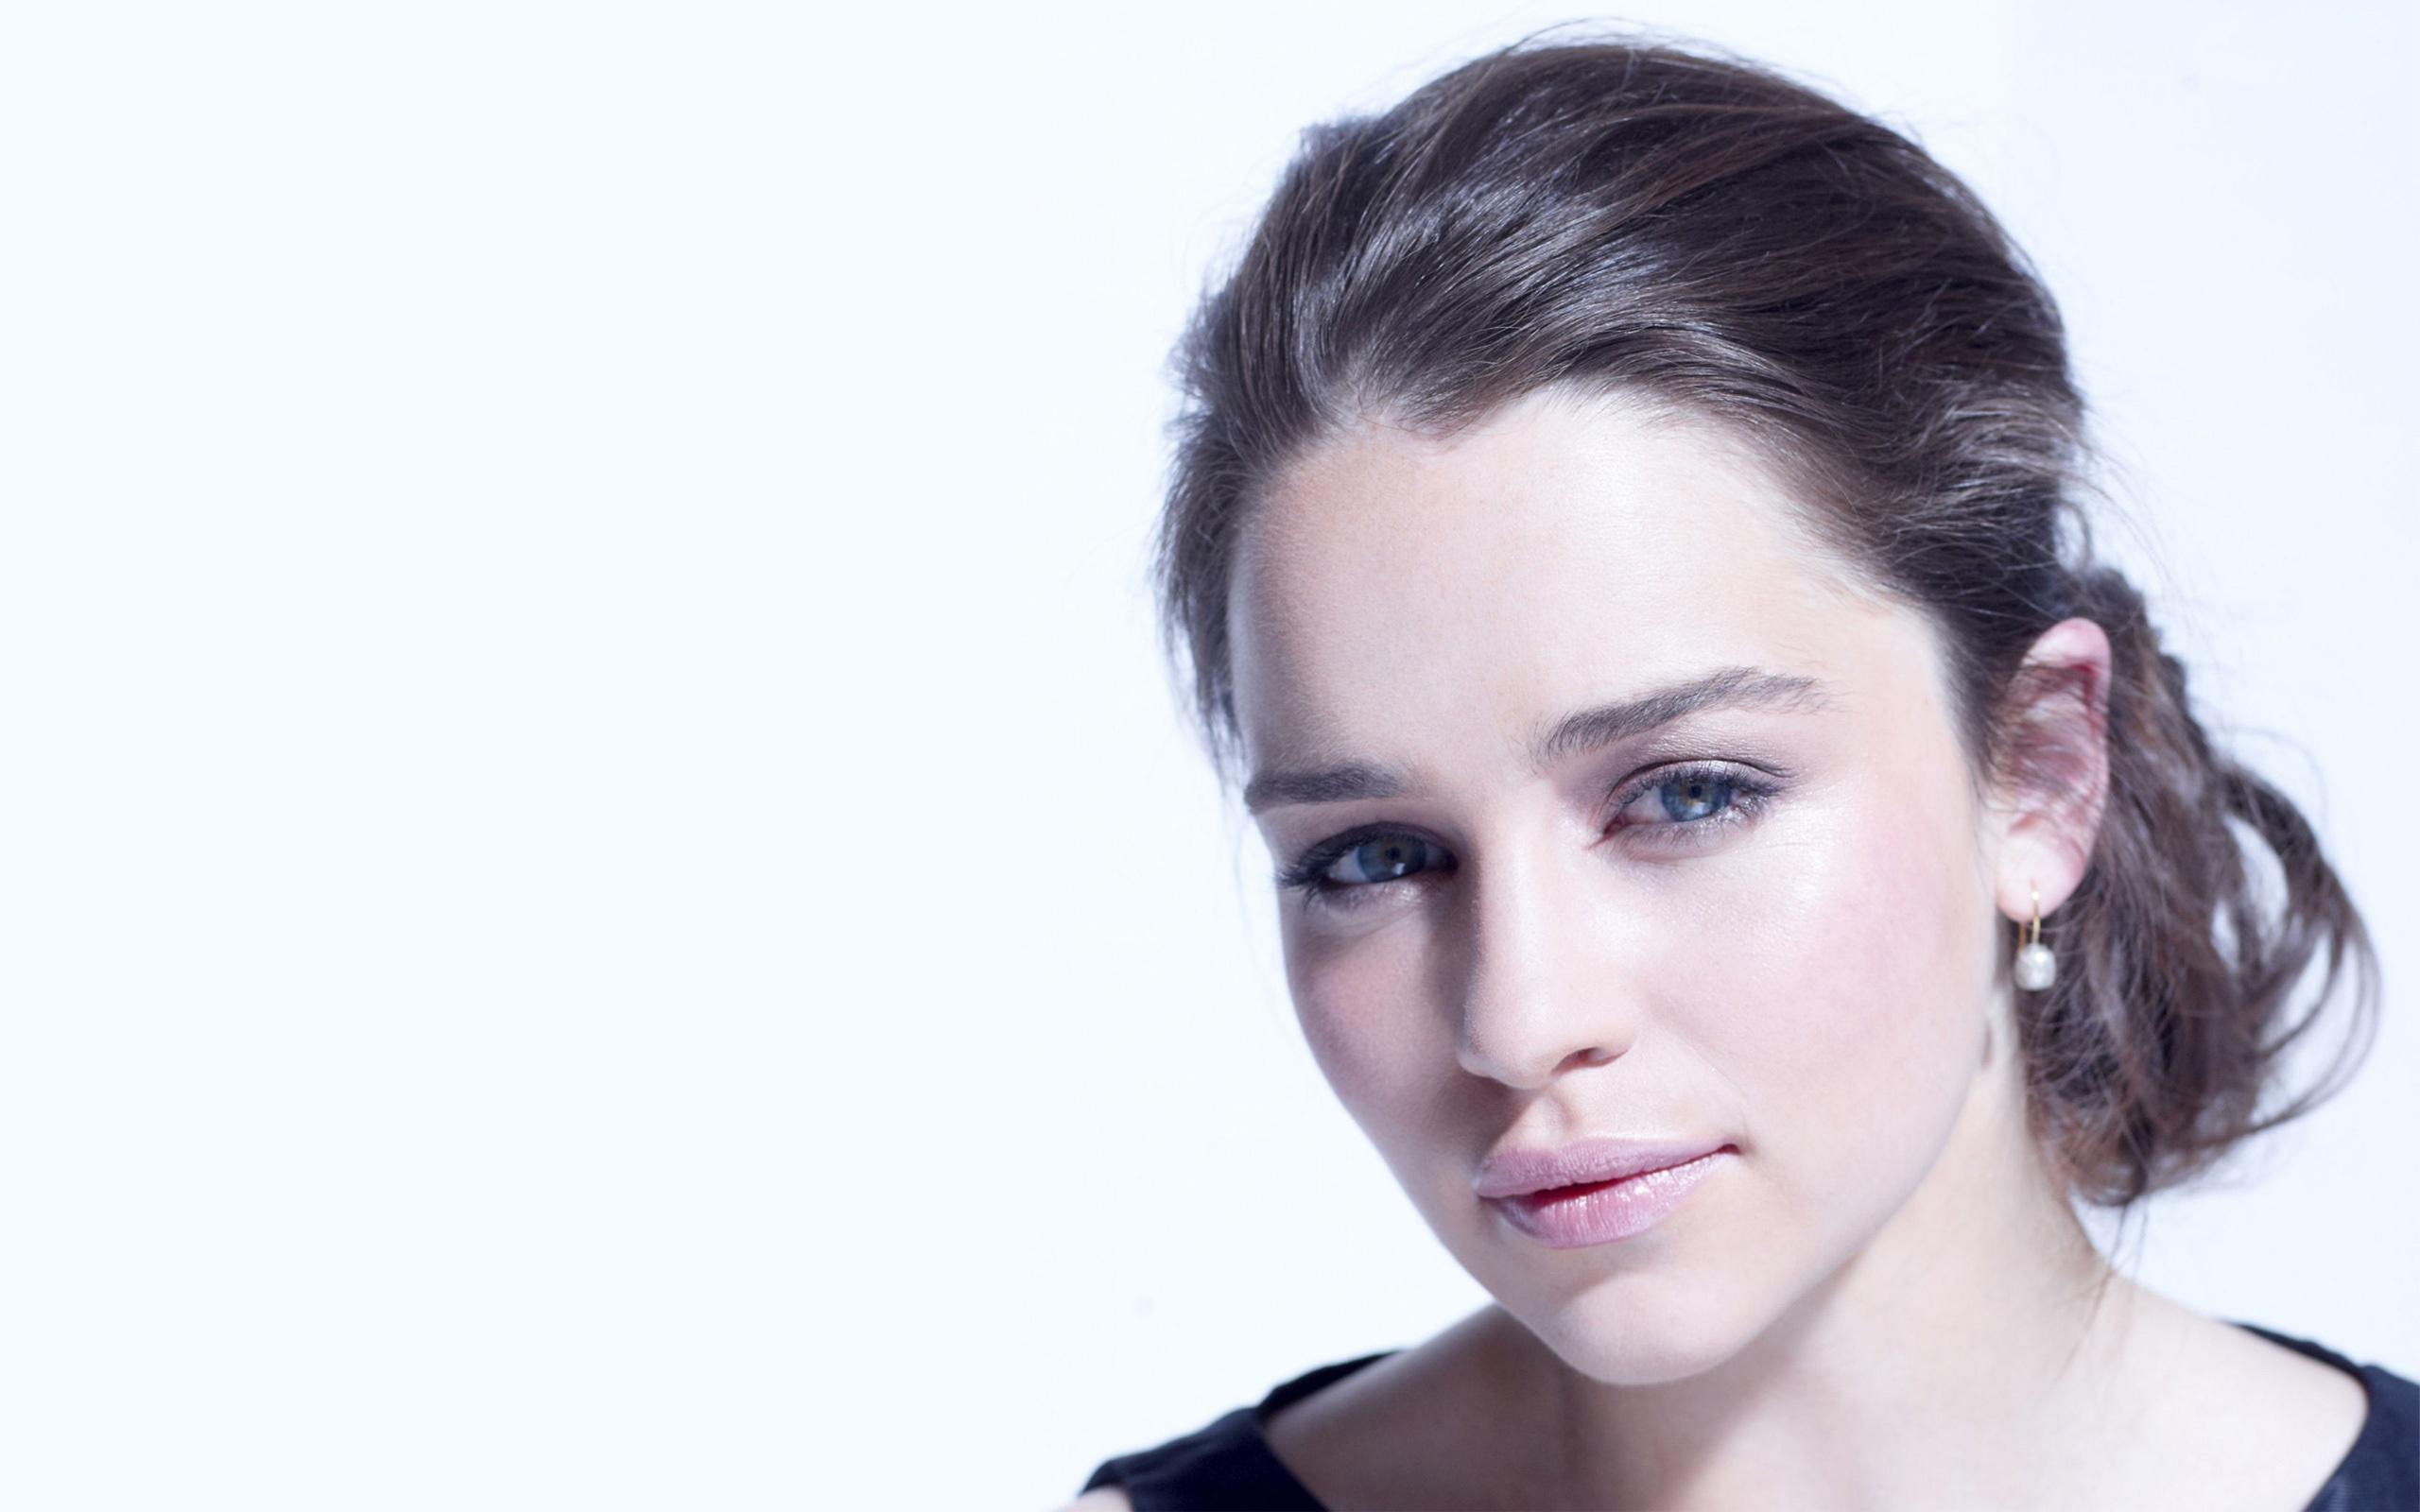 Emilia Clarke Wallpaper 6